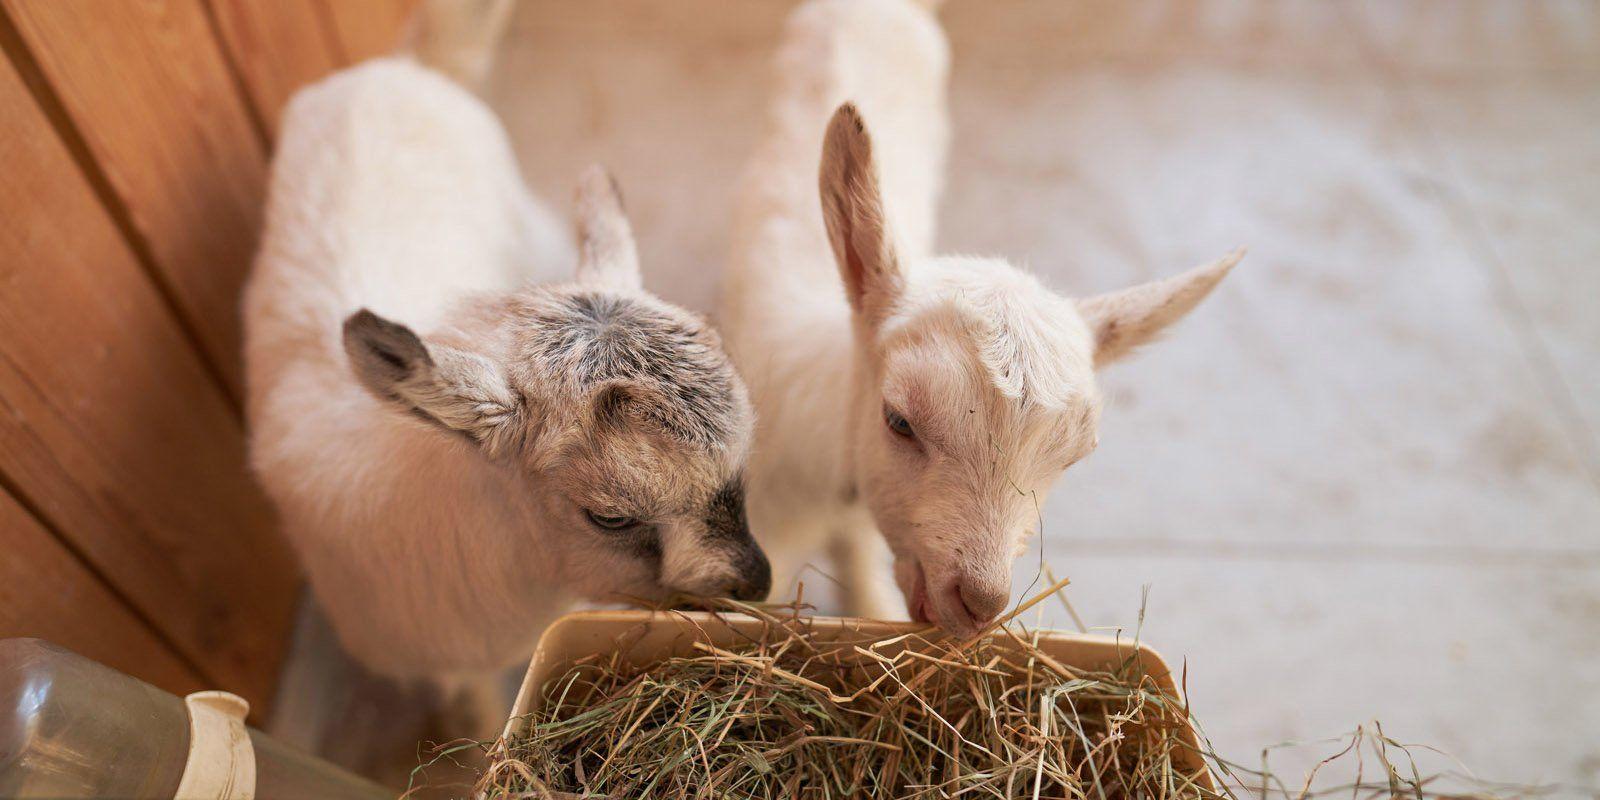 Москвичи назвали новорожденных козлят на ферме ВДНХ «космическими» именами